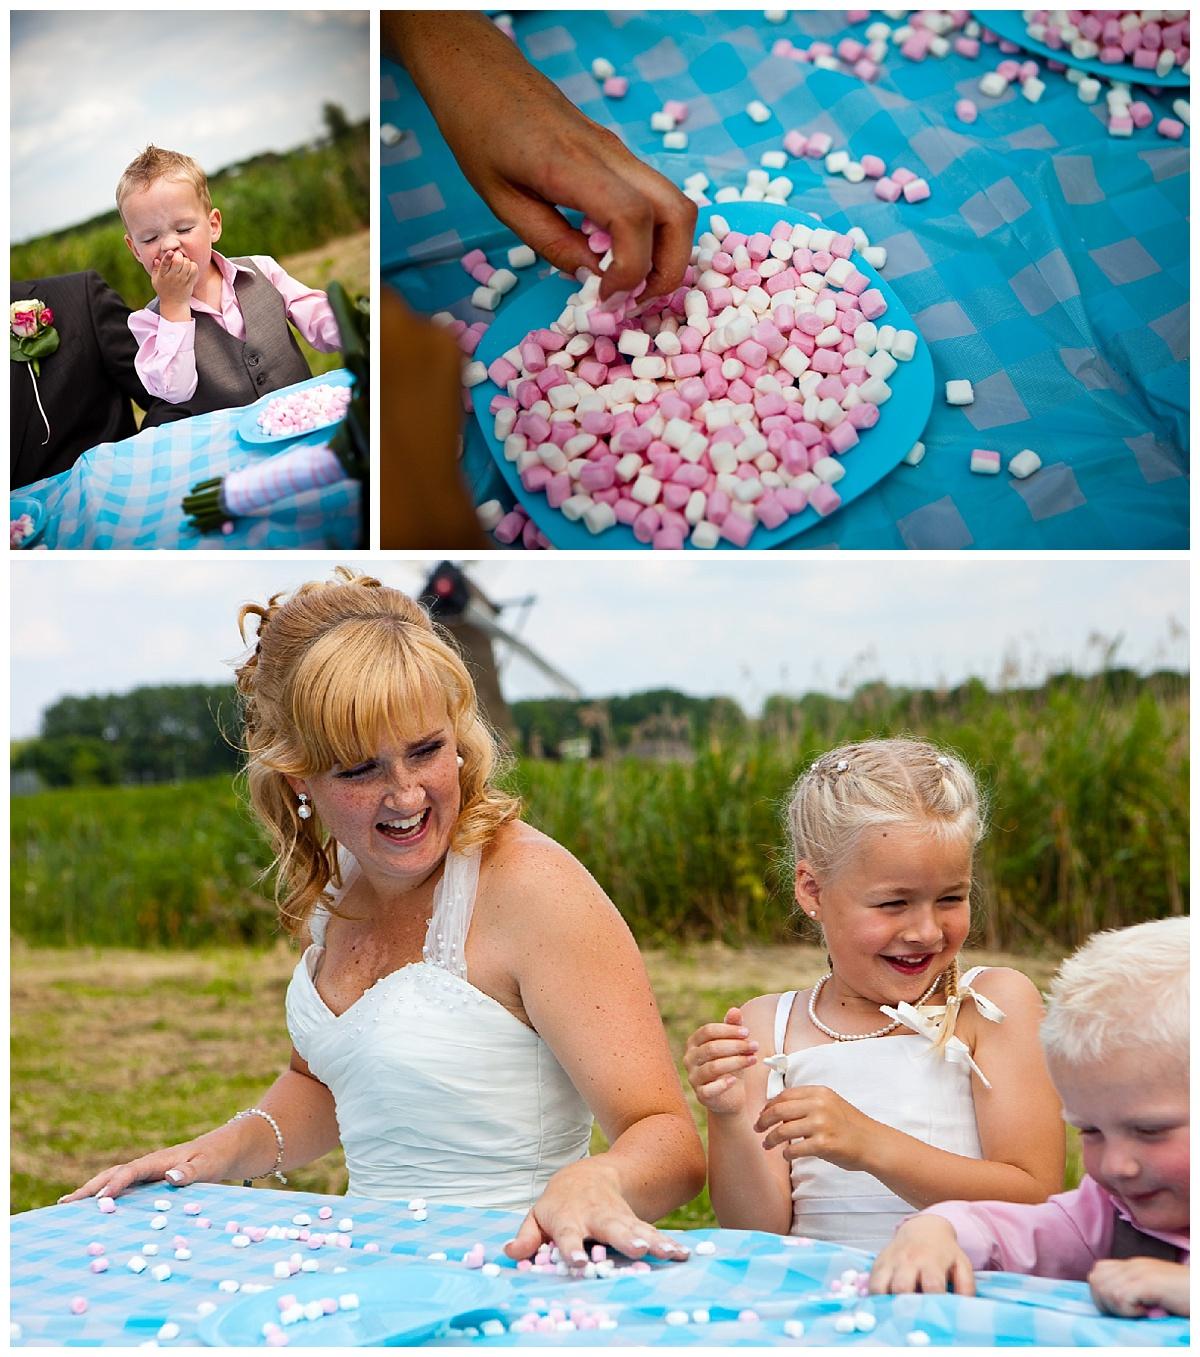 trouwshoot-bruidsfotografie-trouwfoto-feestfotografie-trouwreportage-Alex en Evelyn535.jpg